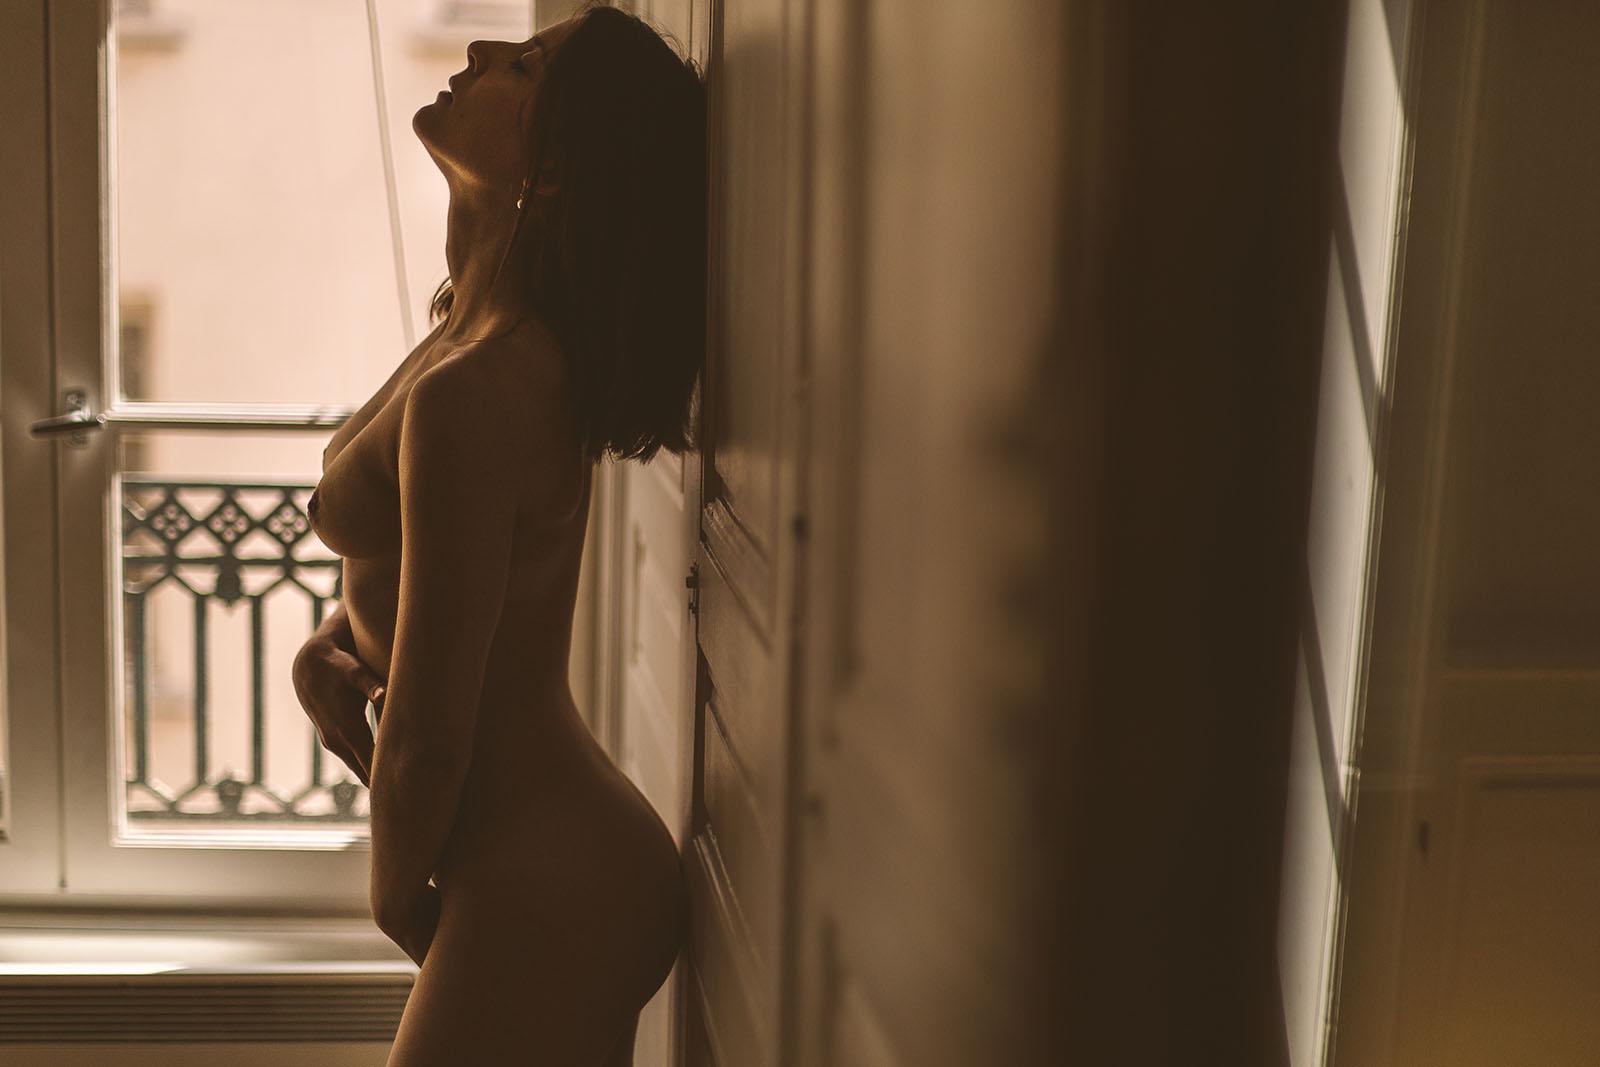 Du glamour, des courbes et une belle lumière Séance photo glamour à Lyon femme nue devant une fenêtre se donnant du plaisir et caressant son corps